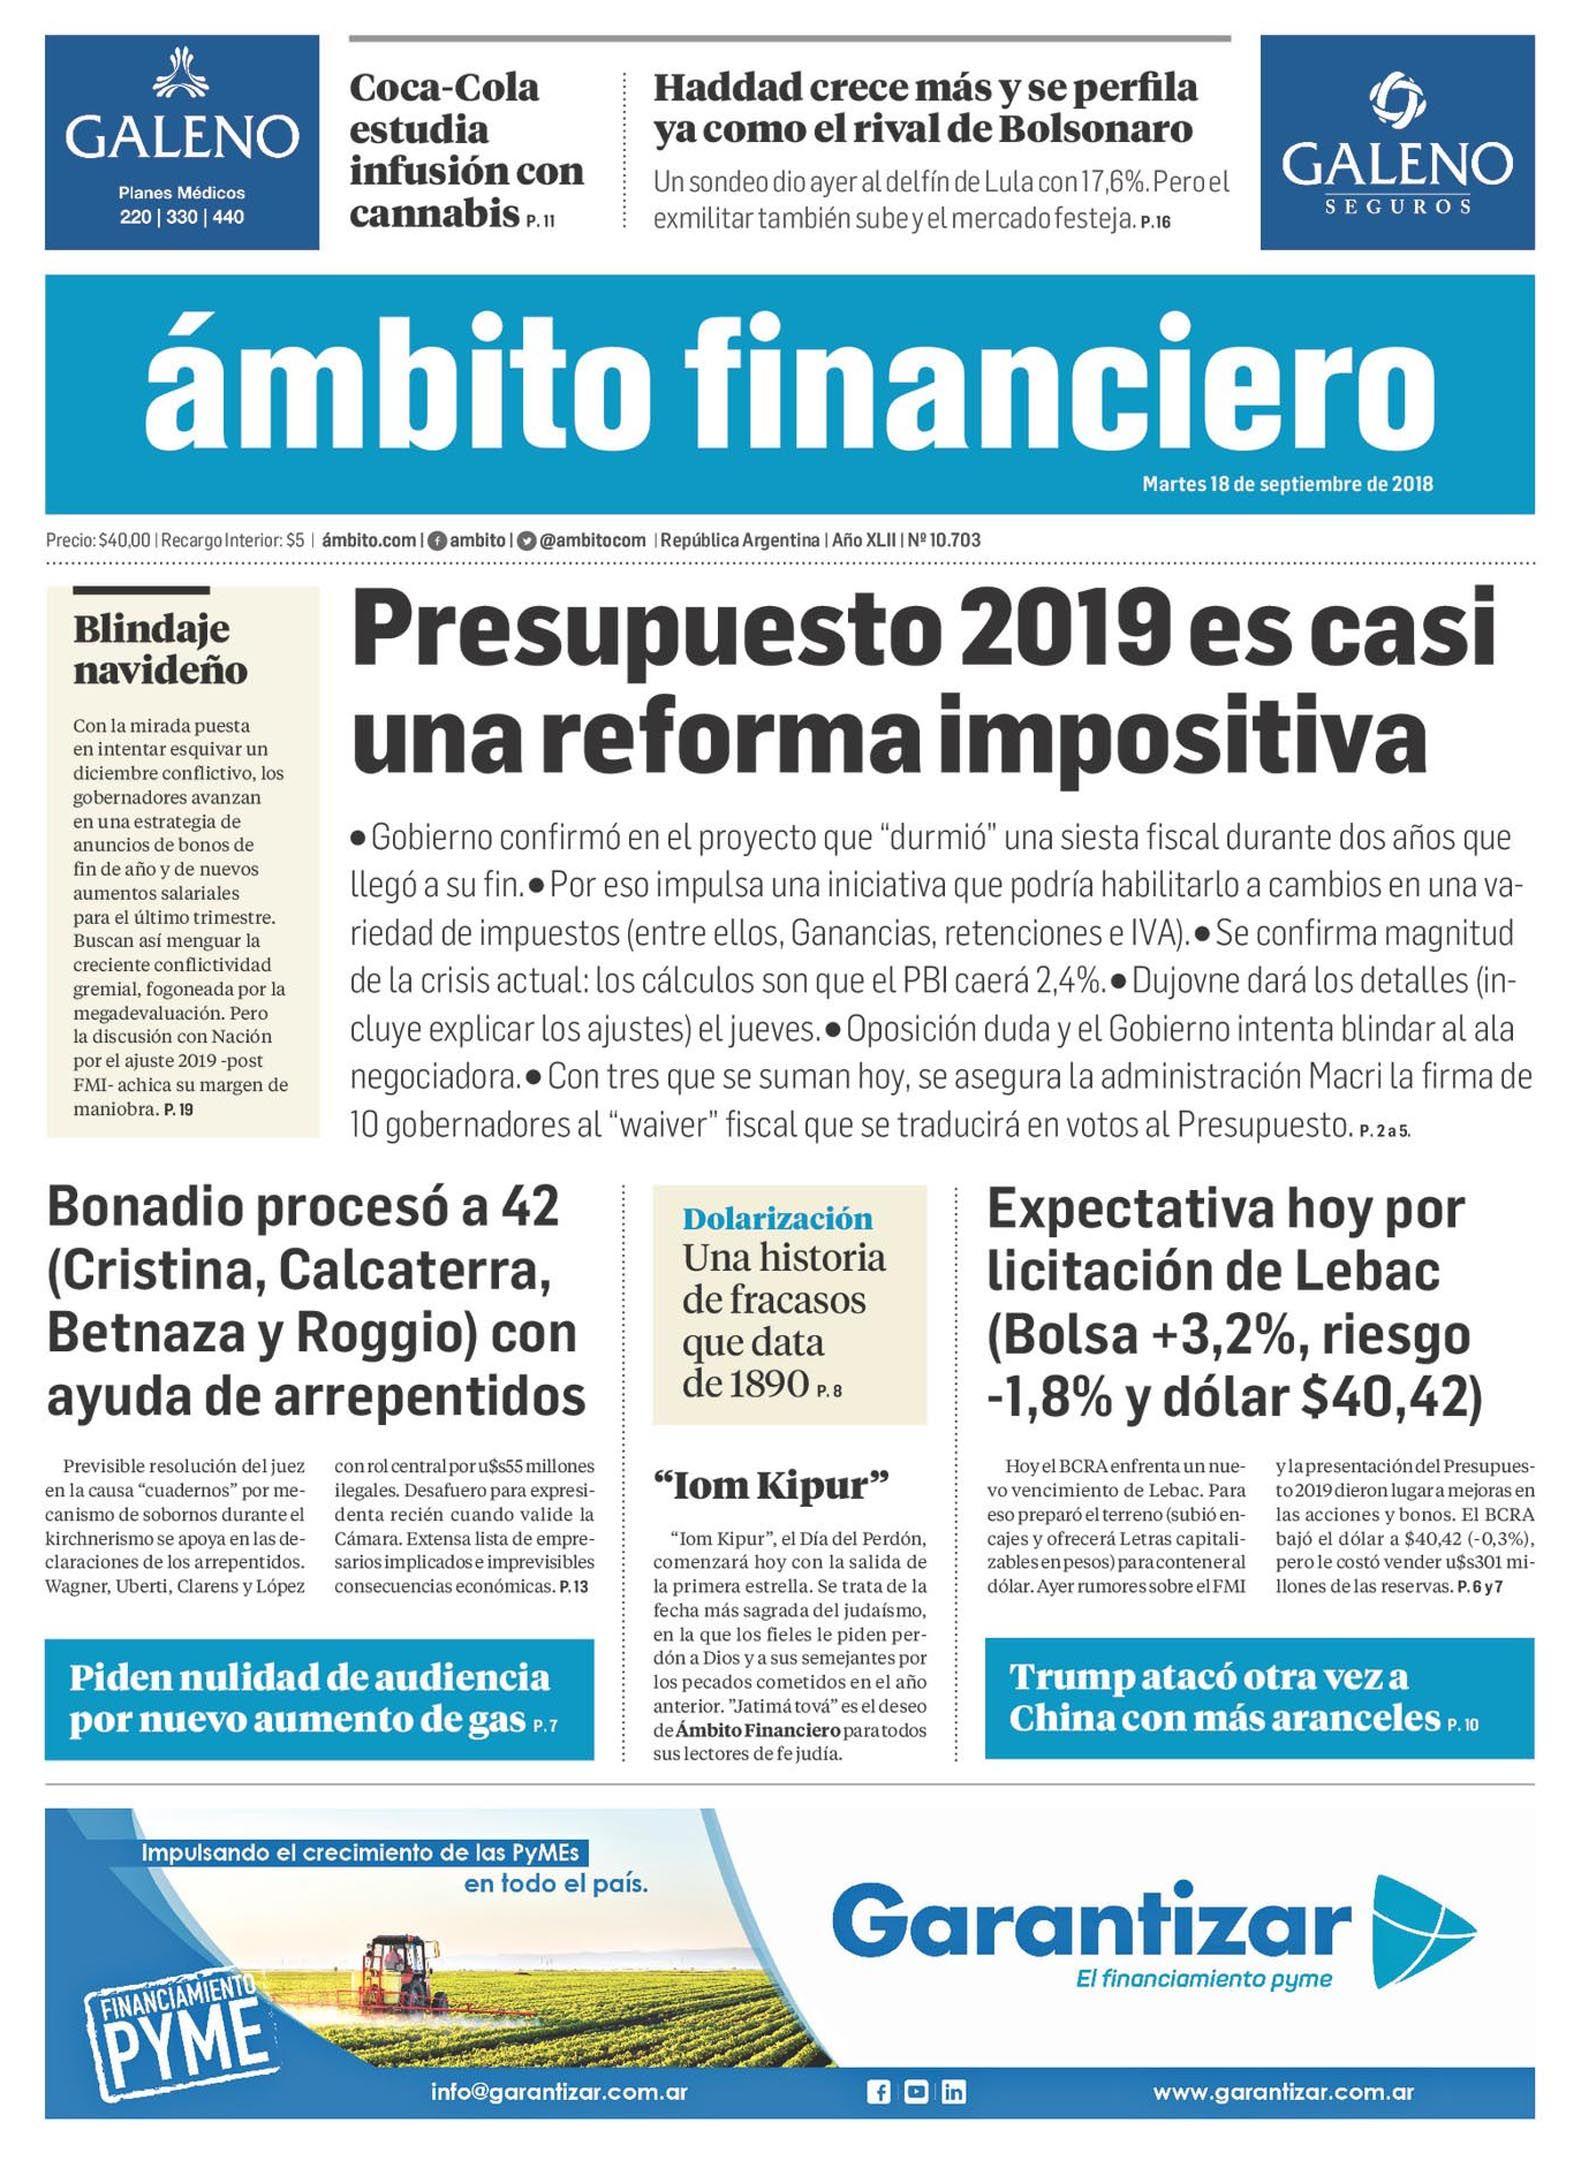 Tapas de diarios del martes 18 de septiembre de 2018